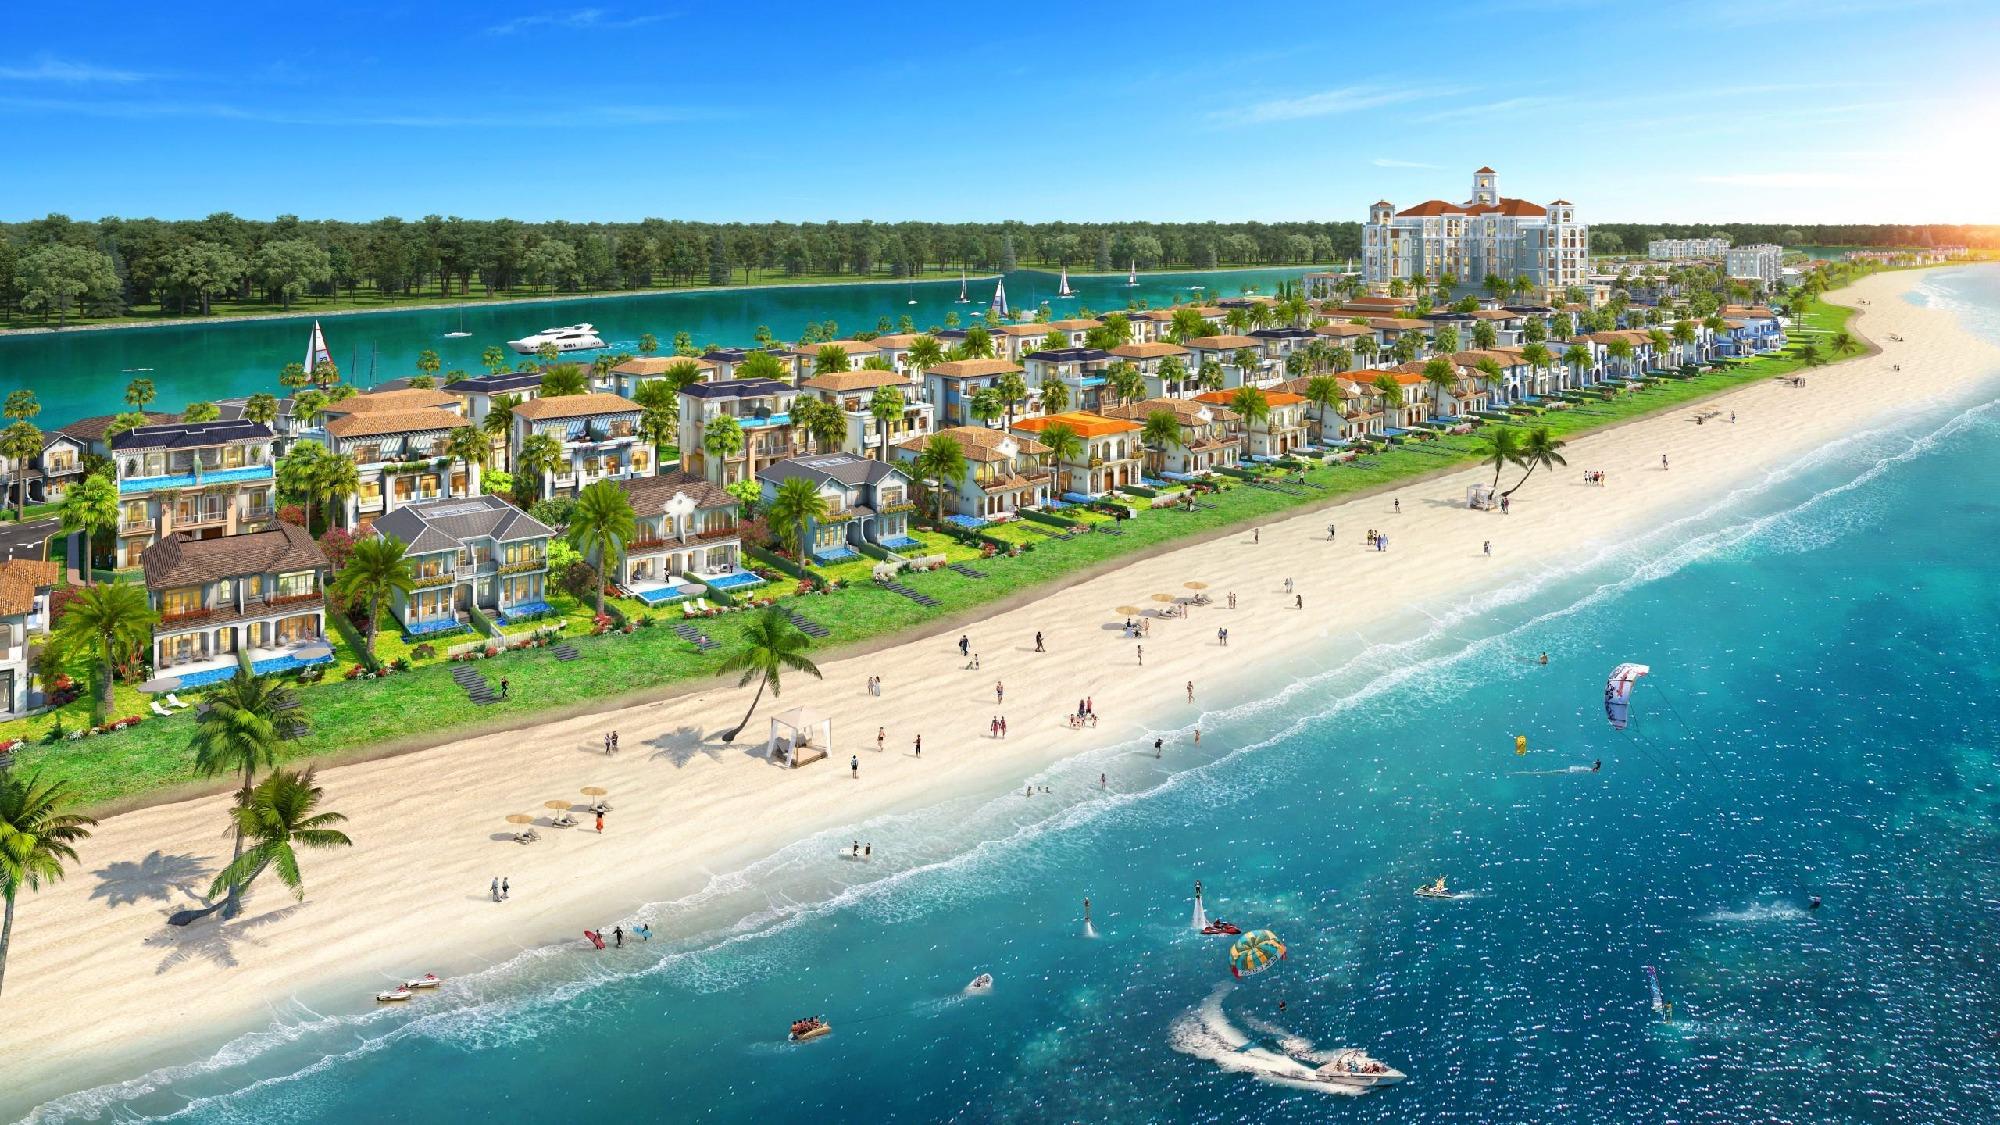 Phối cảnh biệt thự ven biển dự án Habana Island Novaworld Hồ Tràm